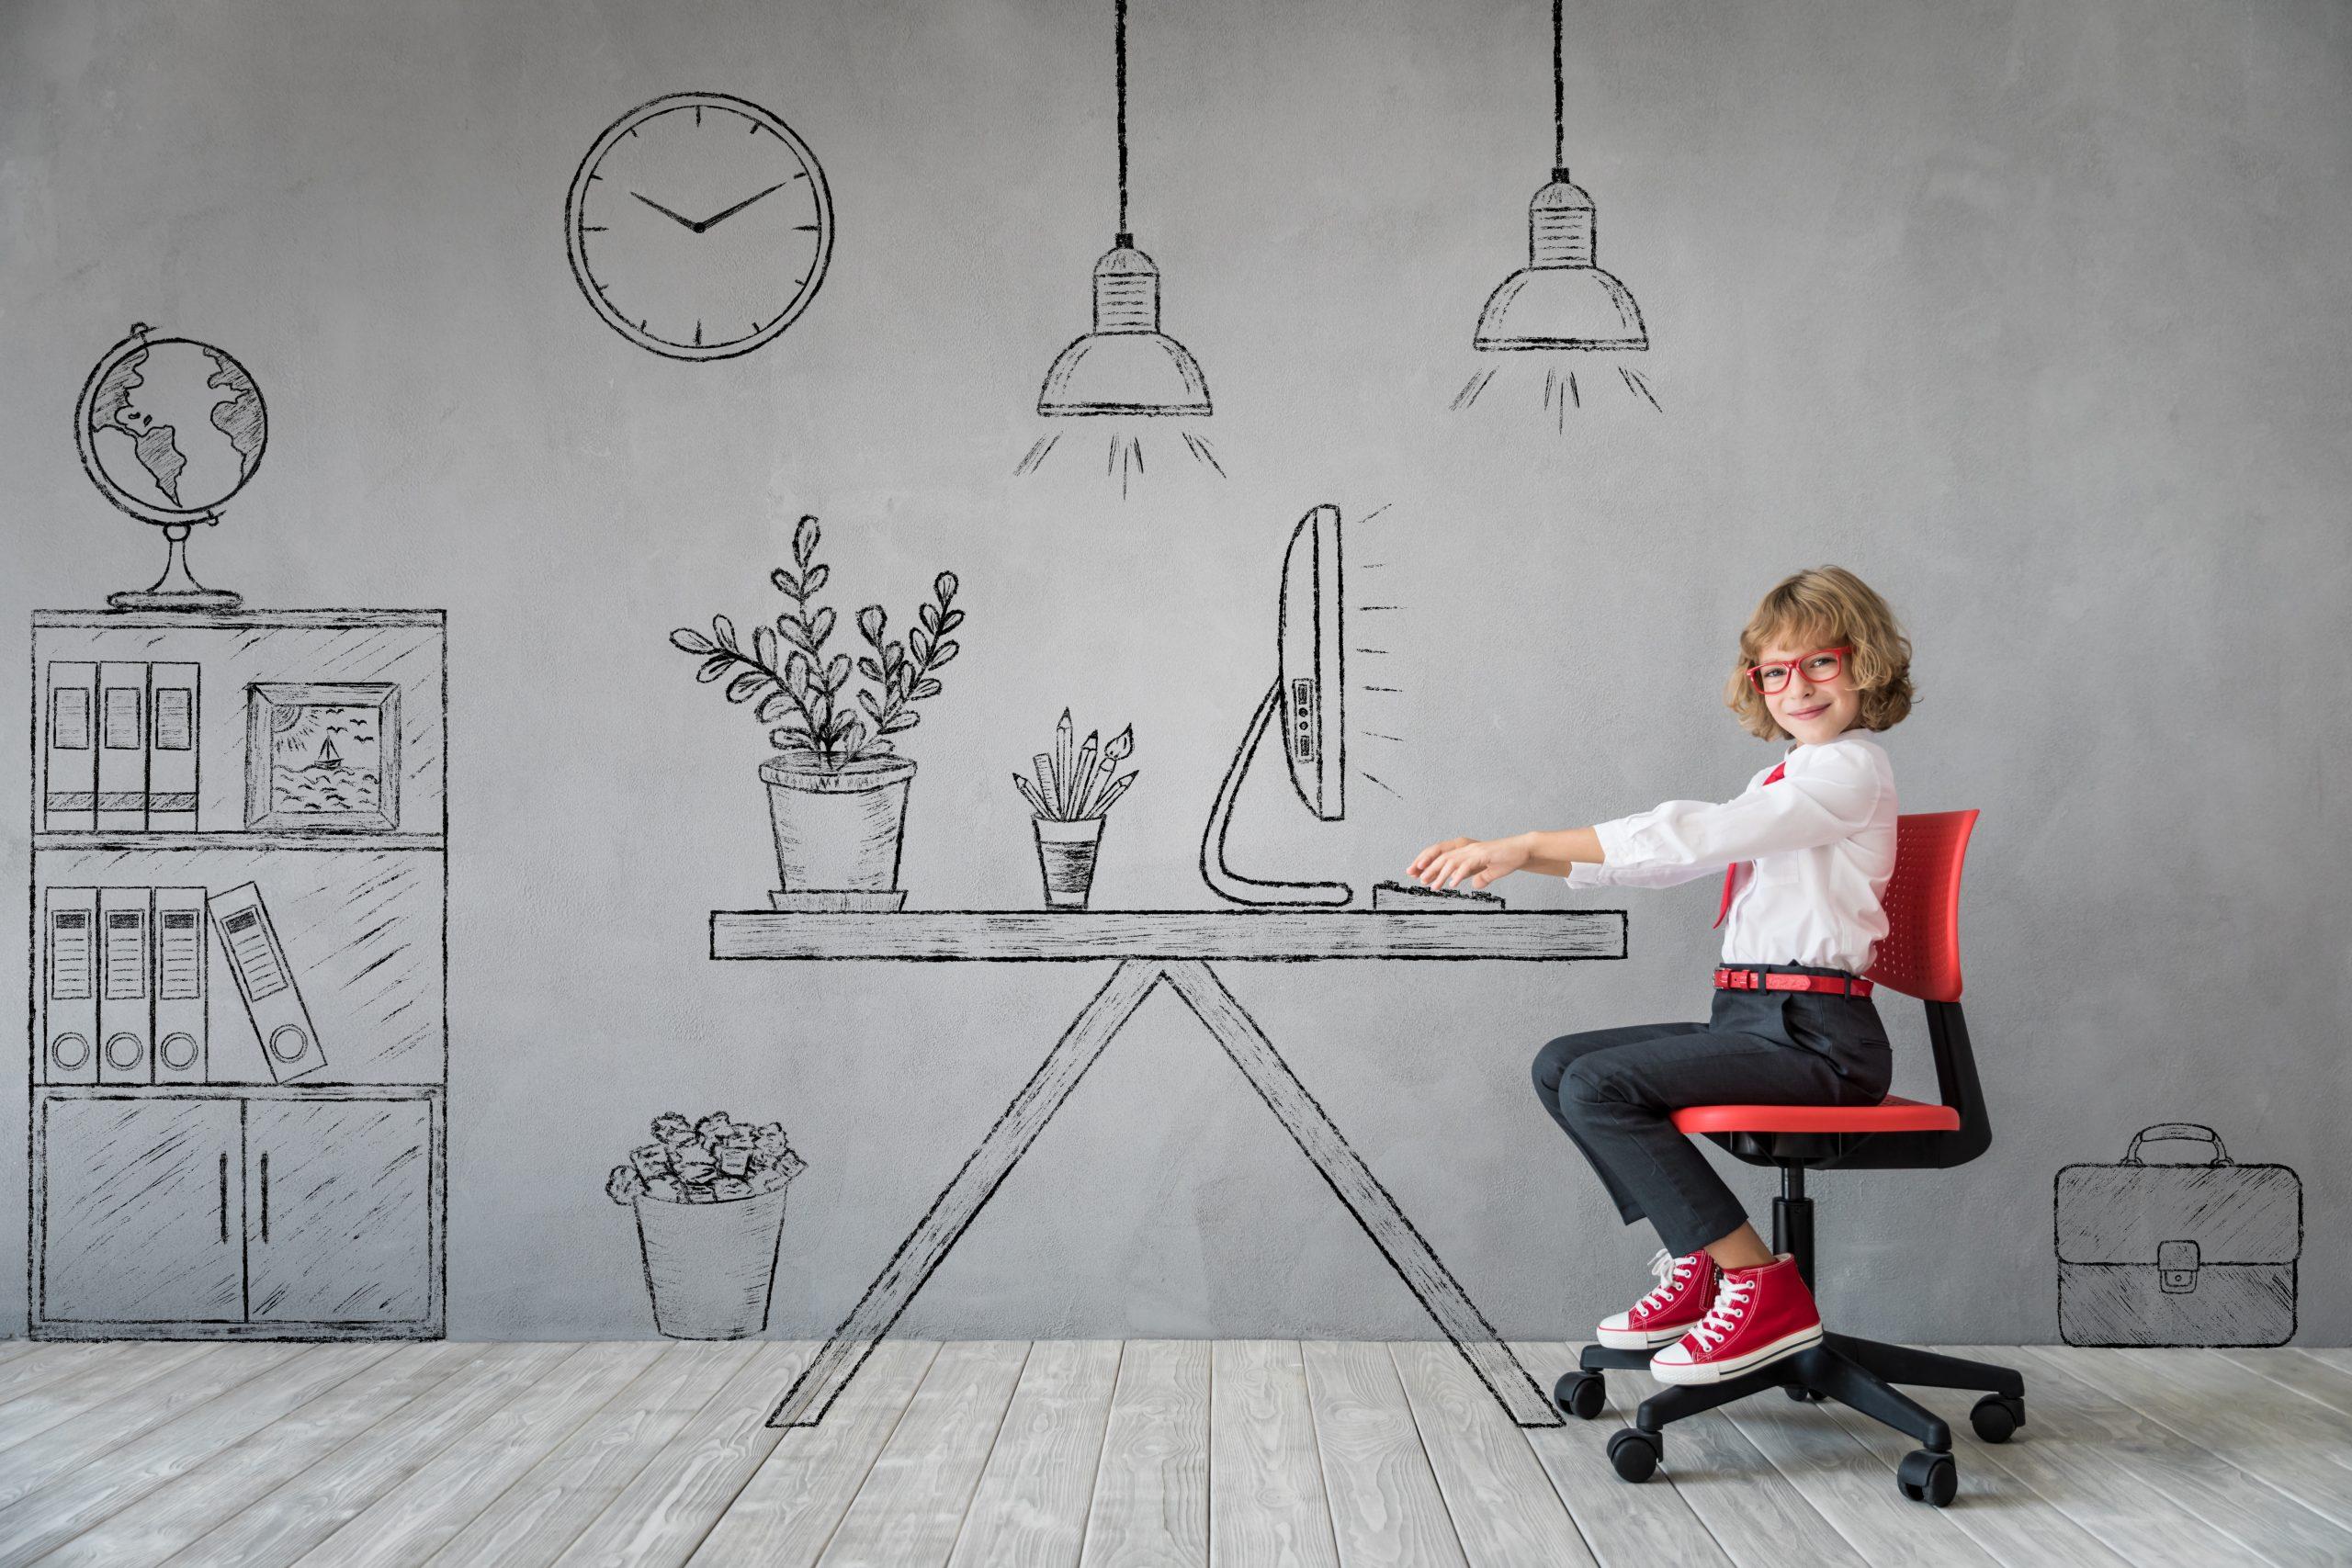 Upsoftskills - Entrepreneurial mindset course for kids